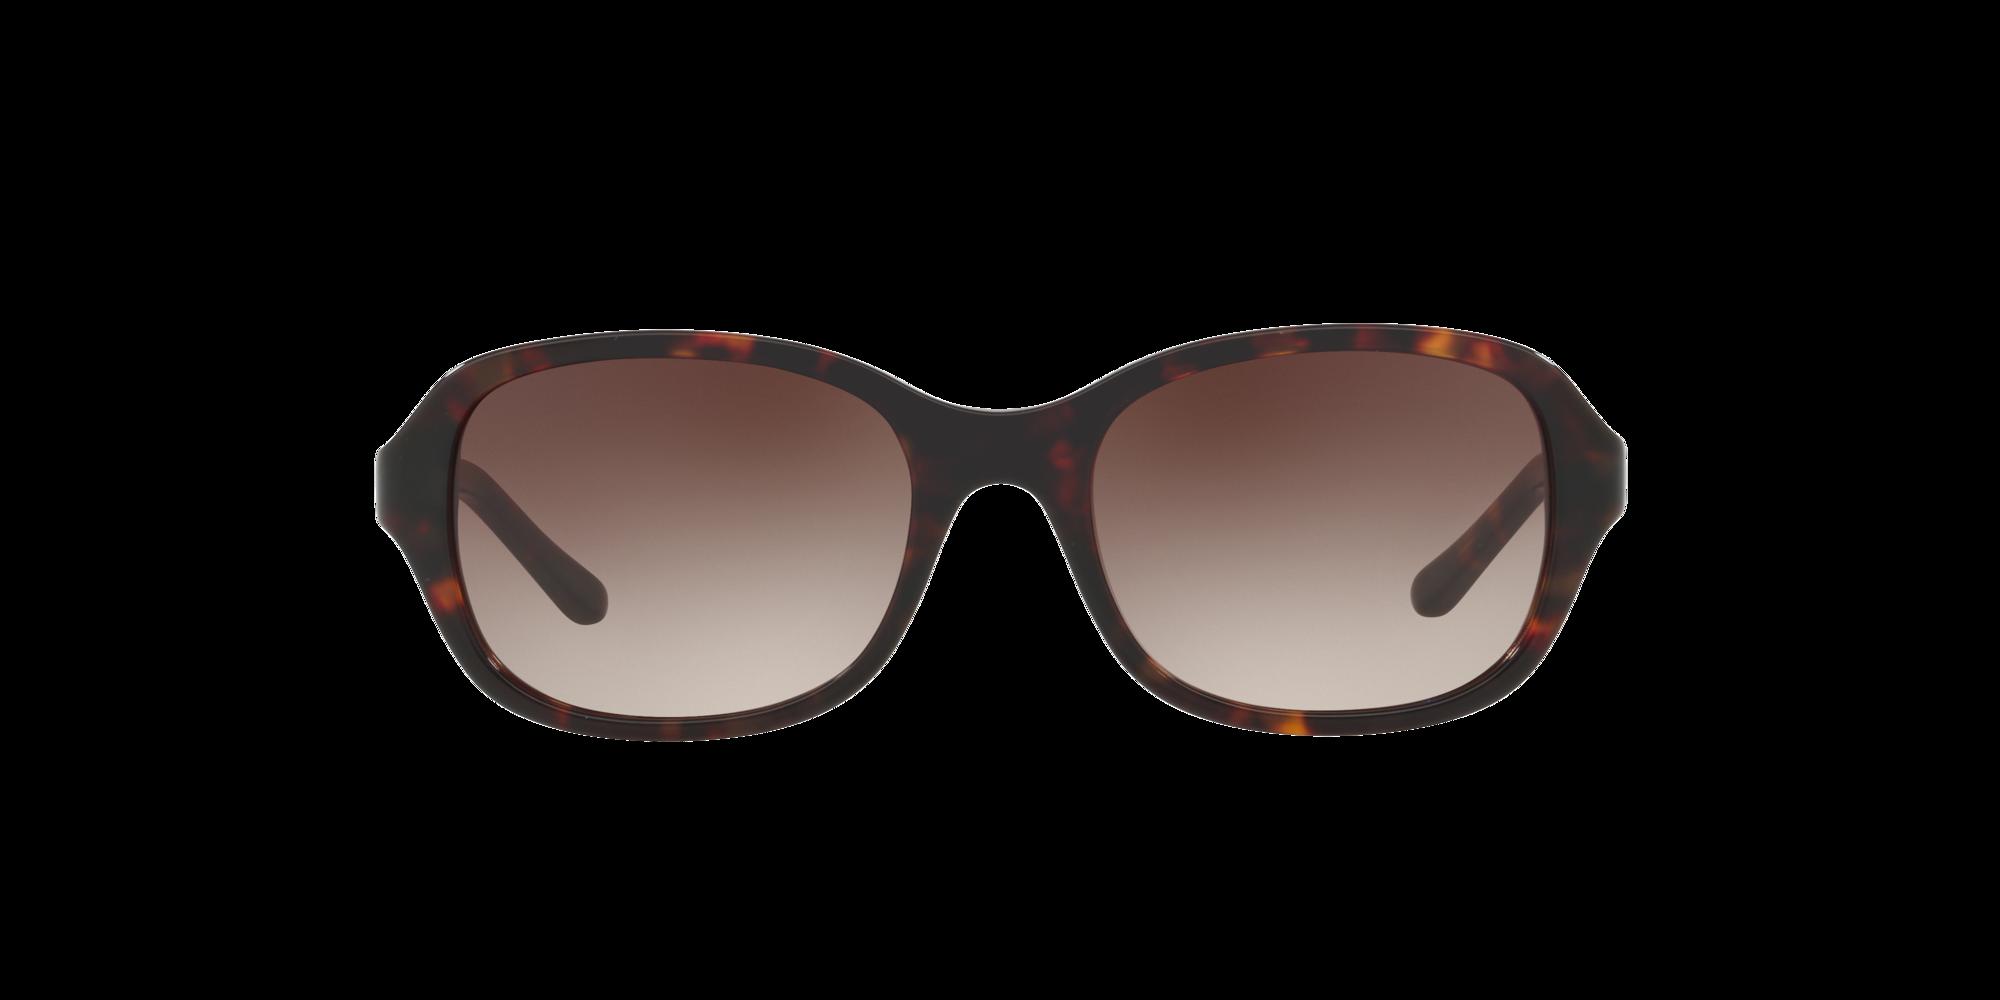 Imagen para SF5503S 51 de LensCrafters |  Espejuelos, espejuelos graduados en línea, gafas